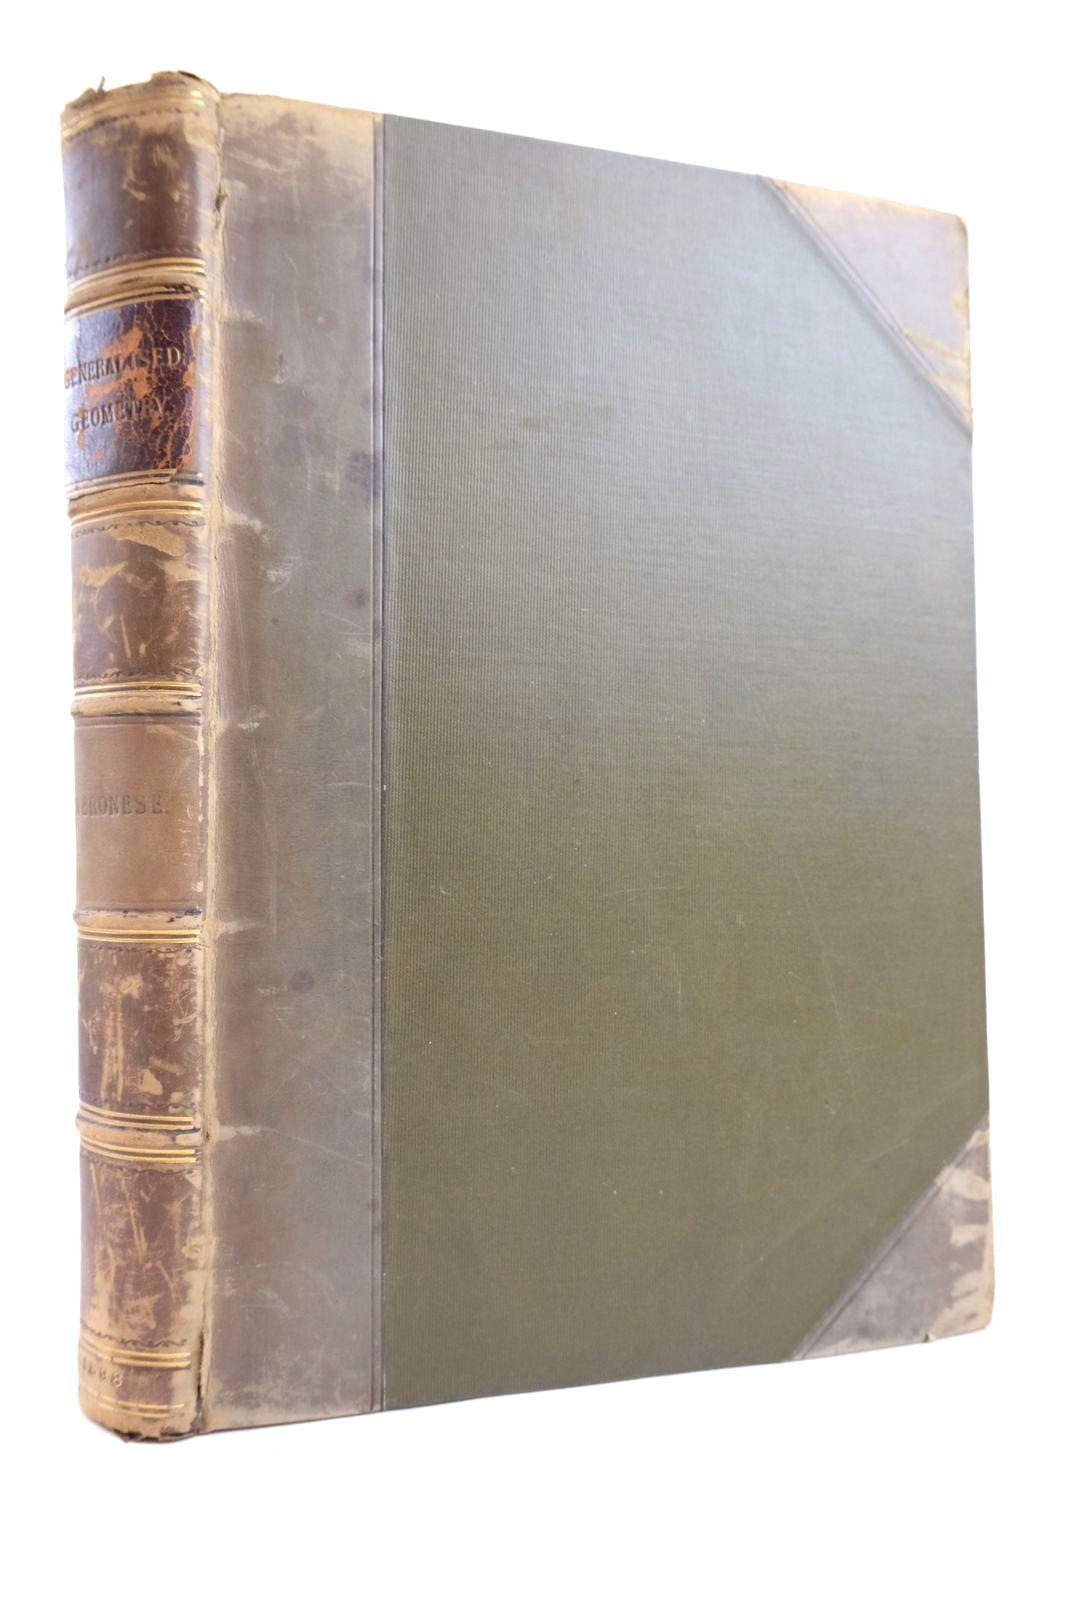 Photo of GRUNDZUGE DER GEOMETRIE VON MEHREREN DIMENSIONEN UND MEHREREN ARTEN GRADLINIGER EINHEITEN IN ELEMENTARER FORM ENTWICKELT written by Veronese, Giuseppe Schepp, A. published by Druck Und Verlag Von B.G. Teubner (STOCK CODE: 2133350)  for sale by Stella & Rose's Books